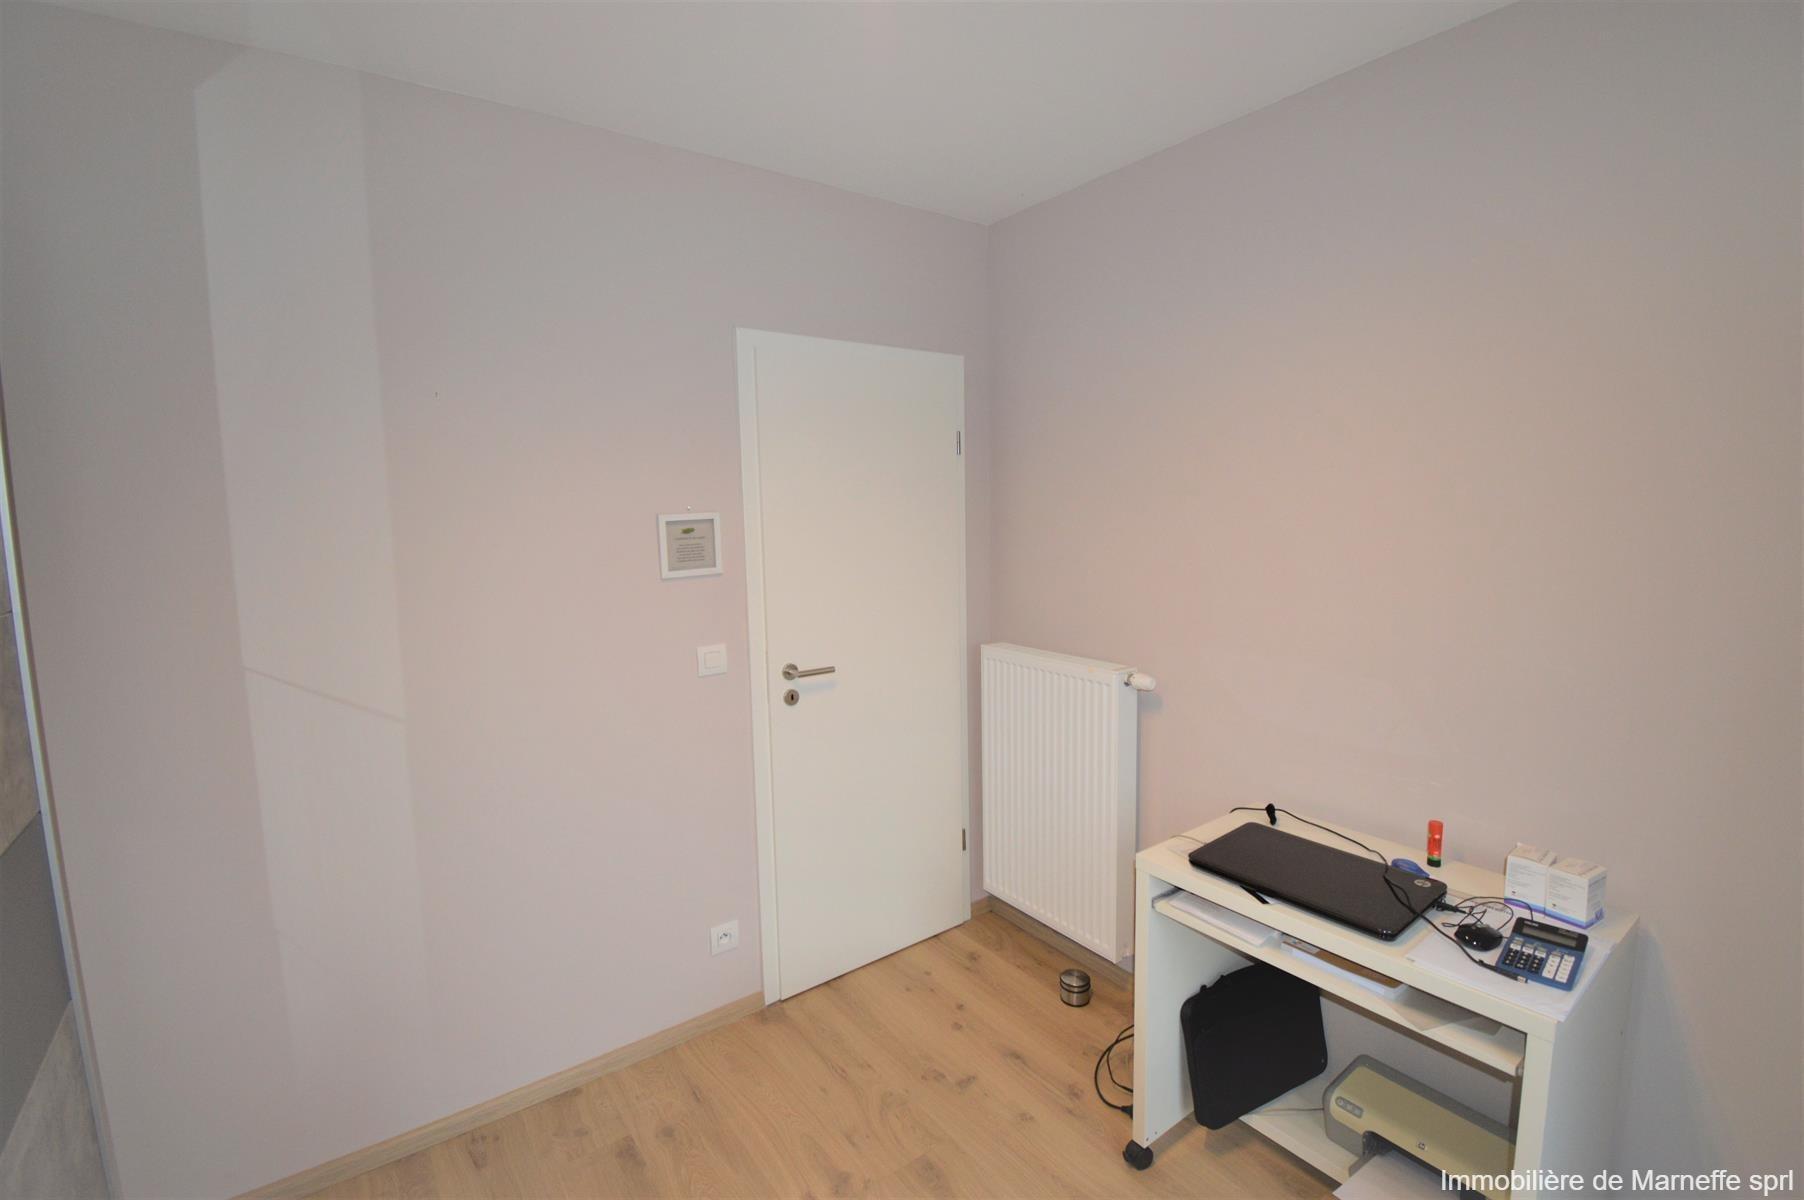 Appartement - Hannuit - #4246452-14